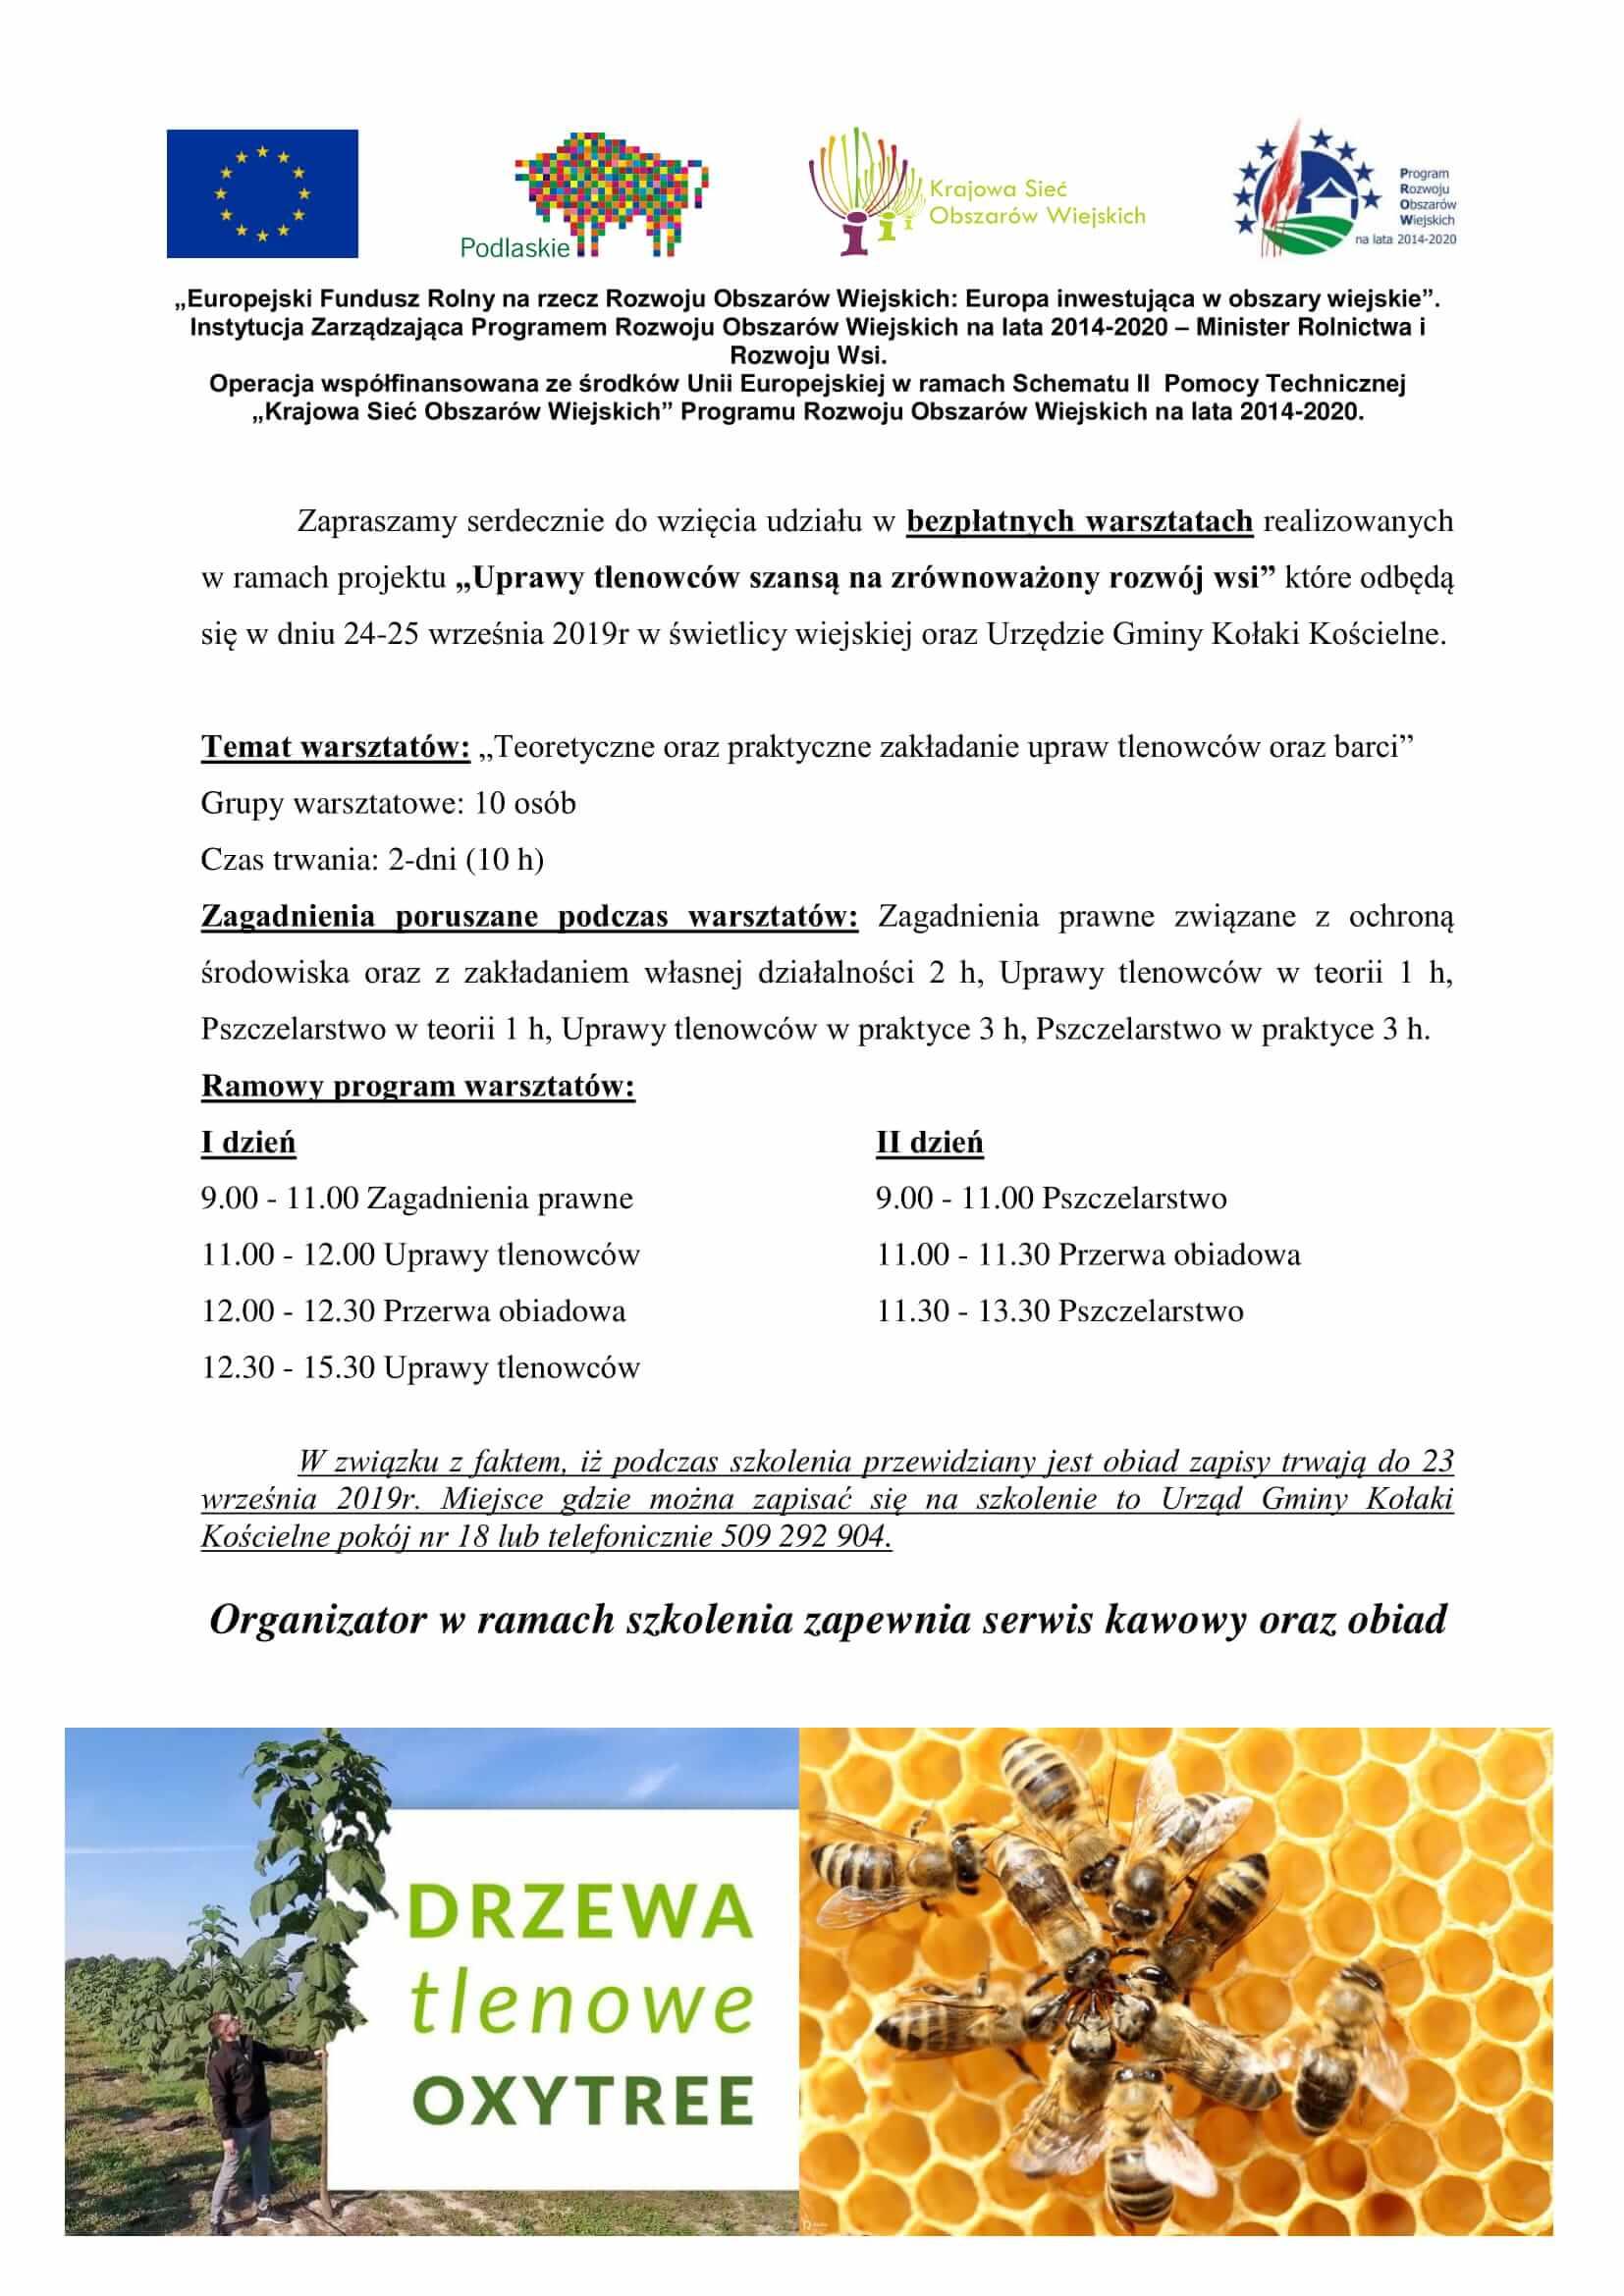 Zaproszenia na szkolenia z zakresu odnawialnych źródeł energii, dotacji energetycznych, programu wapnowania, usuwania folii rolniczej, hodowli tlenowców i pszczelarstwa — realizowanych przez WFOŚiGW w Białymstoku oraz EUROMILK